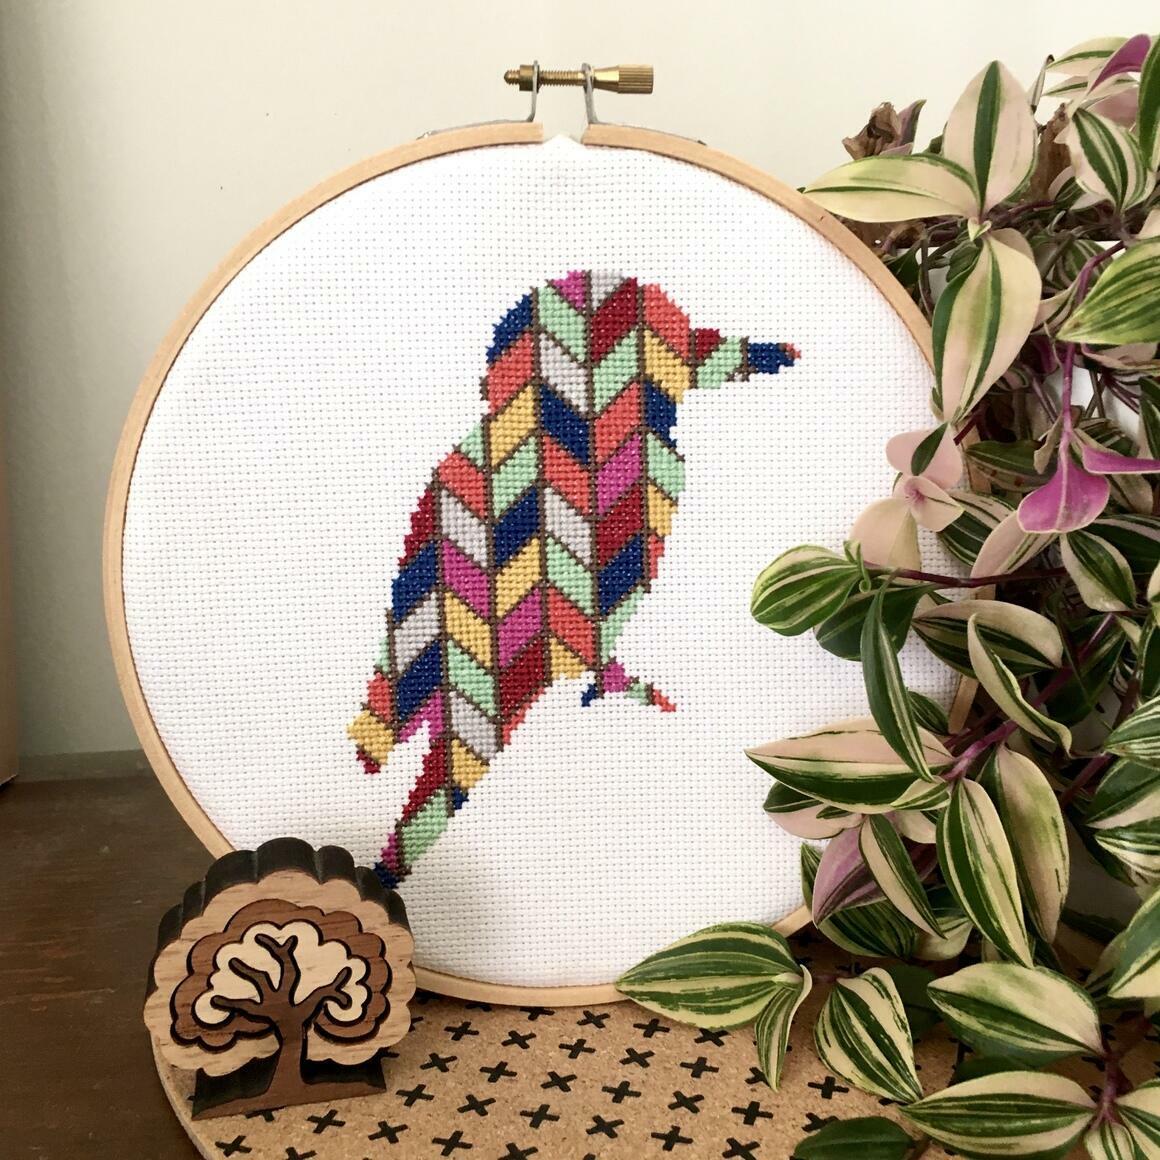 Chevron kookaburra cross stitch kit   Trada Marketplace